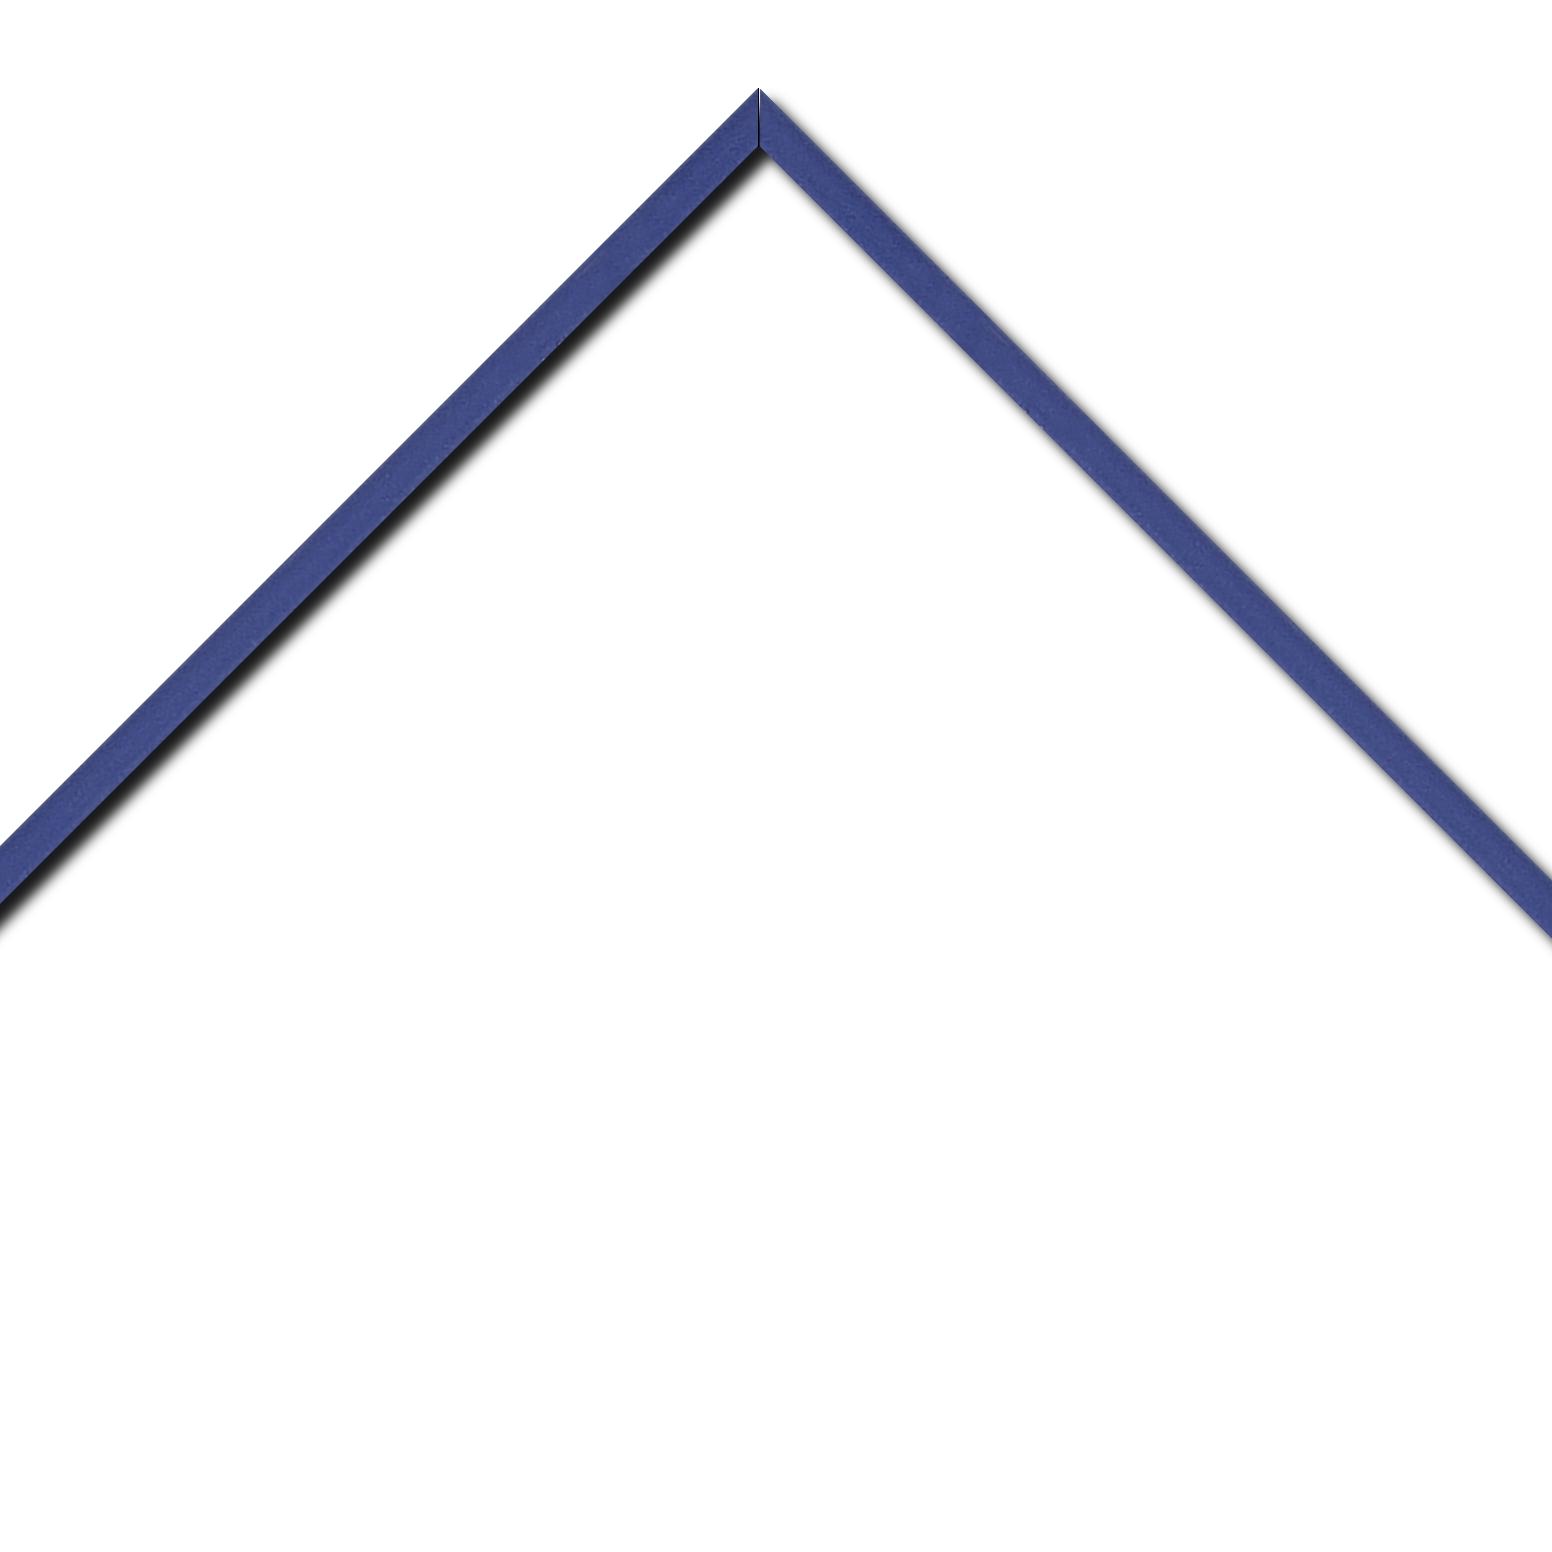 Baguette aluminium profil plat largeur 1cm couleur bleu saphir satiné (mise en place du sujet très rapide et très simple,sans démontage du cadre car angles sertis ) encadrement livré monté prêt à l'emploi (cadre fabriqué à vos mesures dans nos ateliers de besançon)